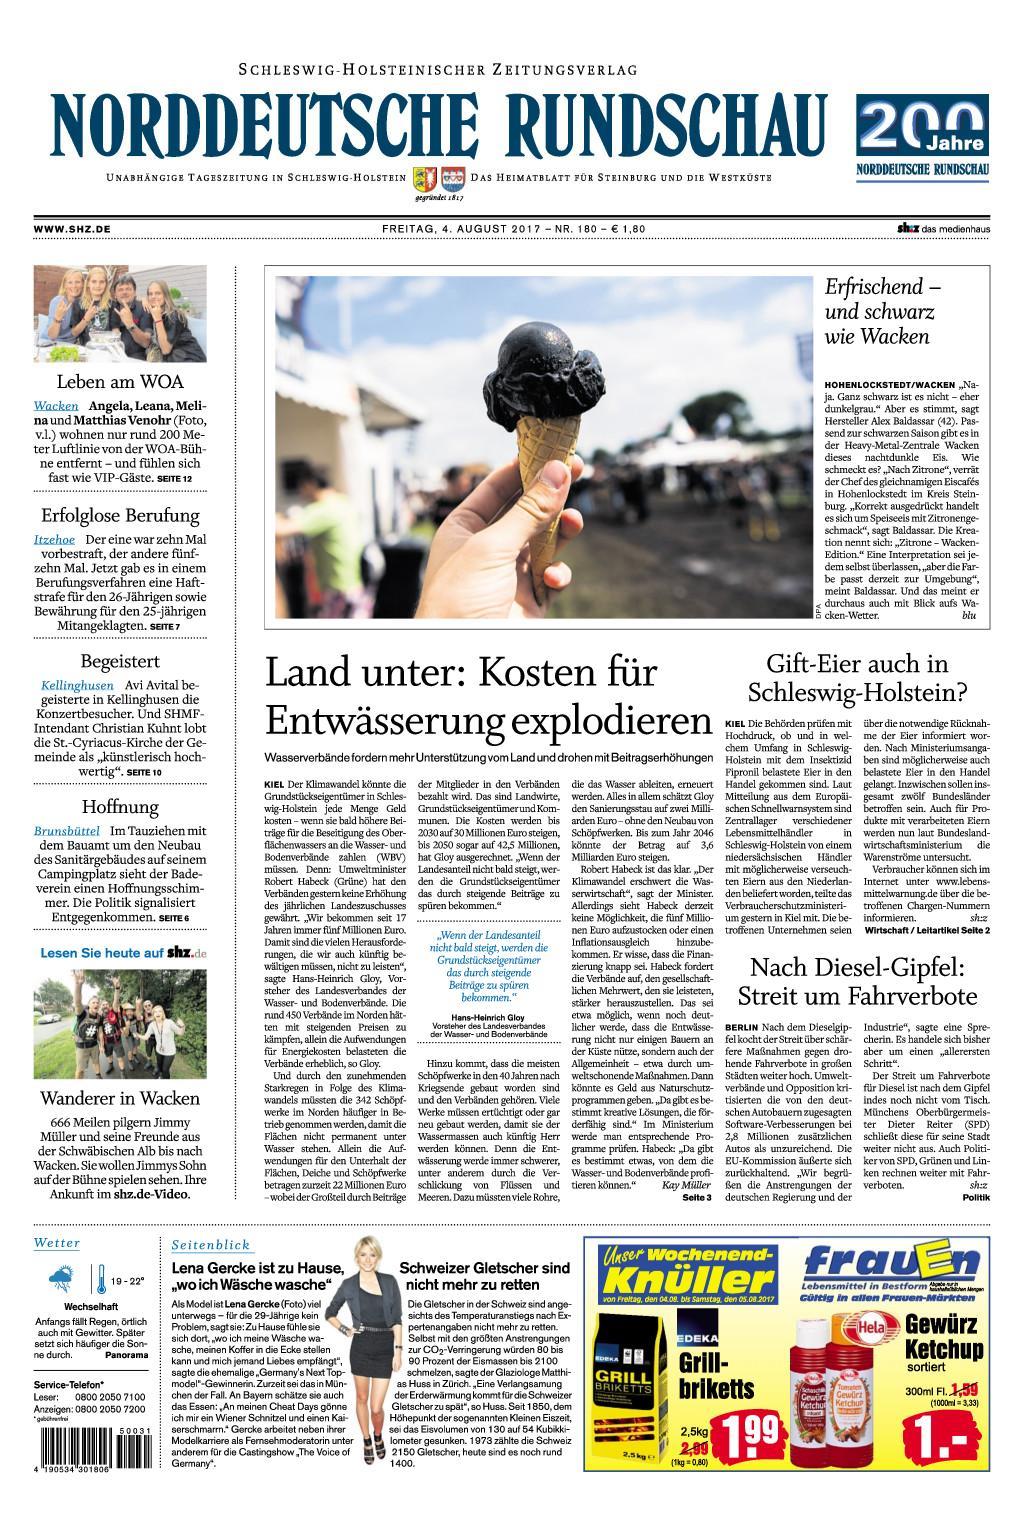 Nrrddeutsche Rundschau 04 August 2017